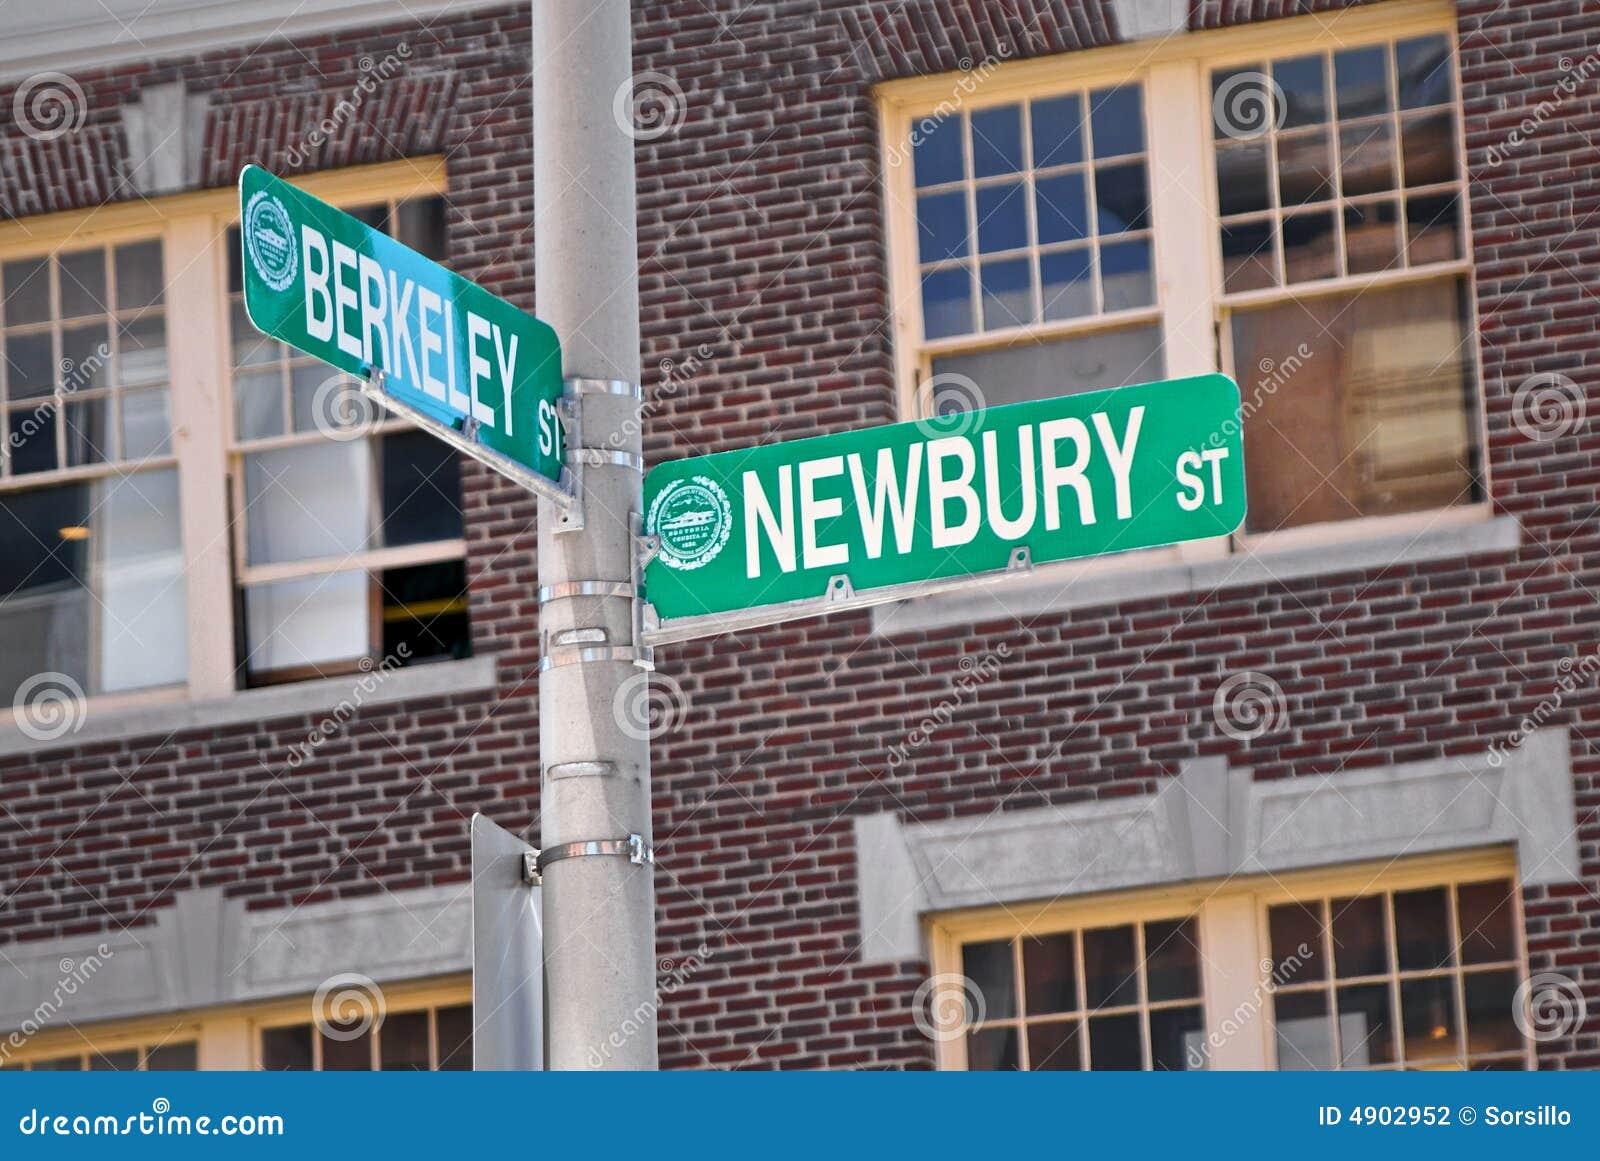 Μπέρκλεϋ newbury